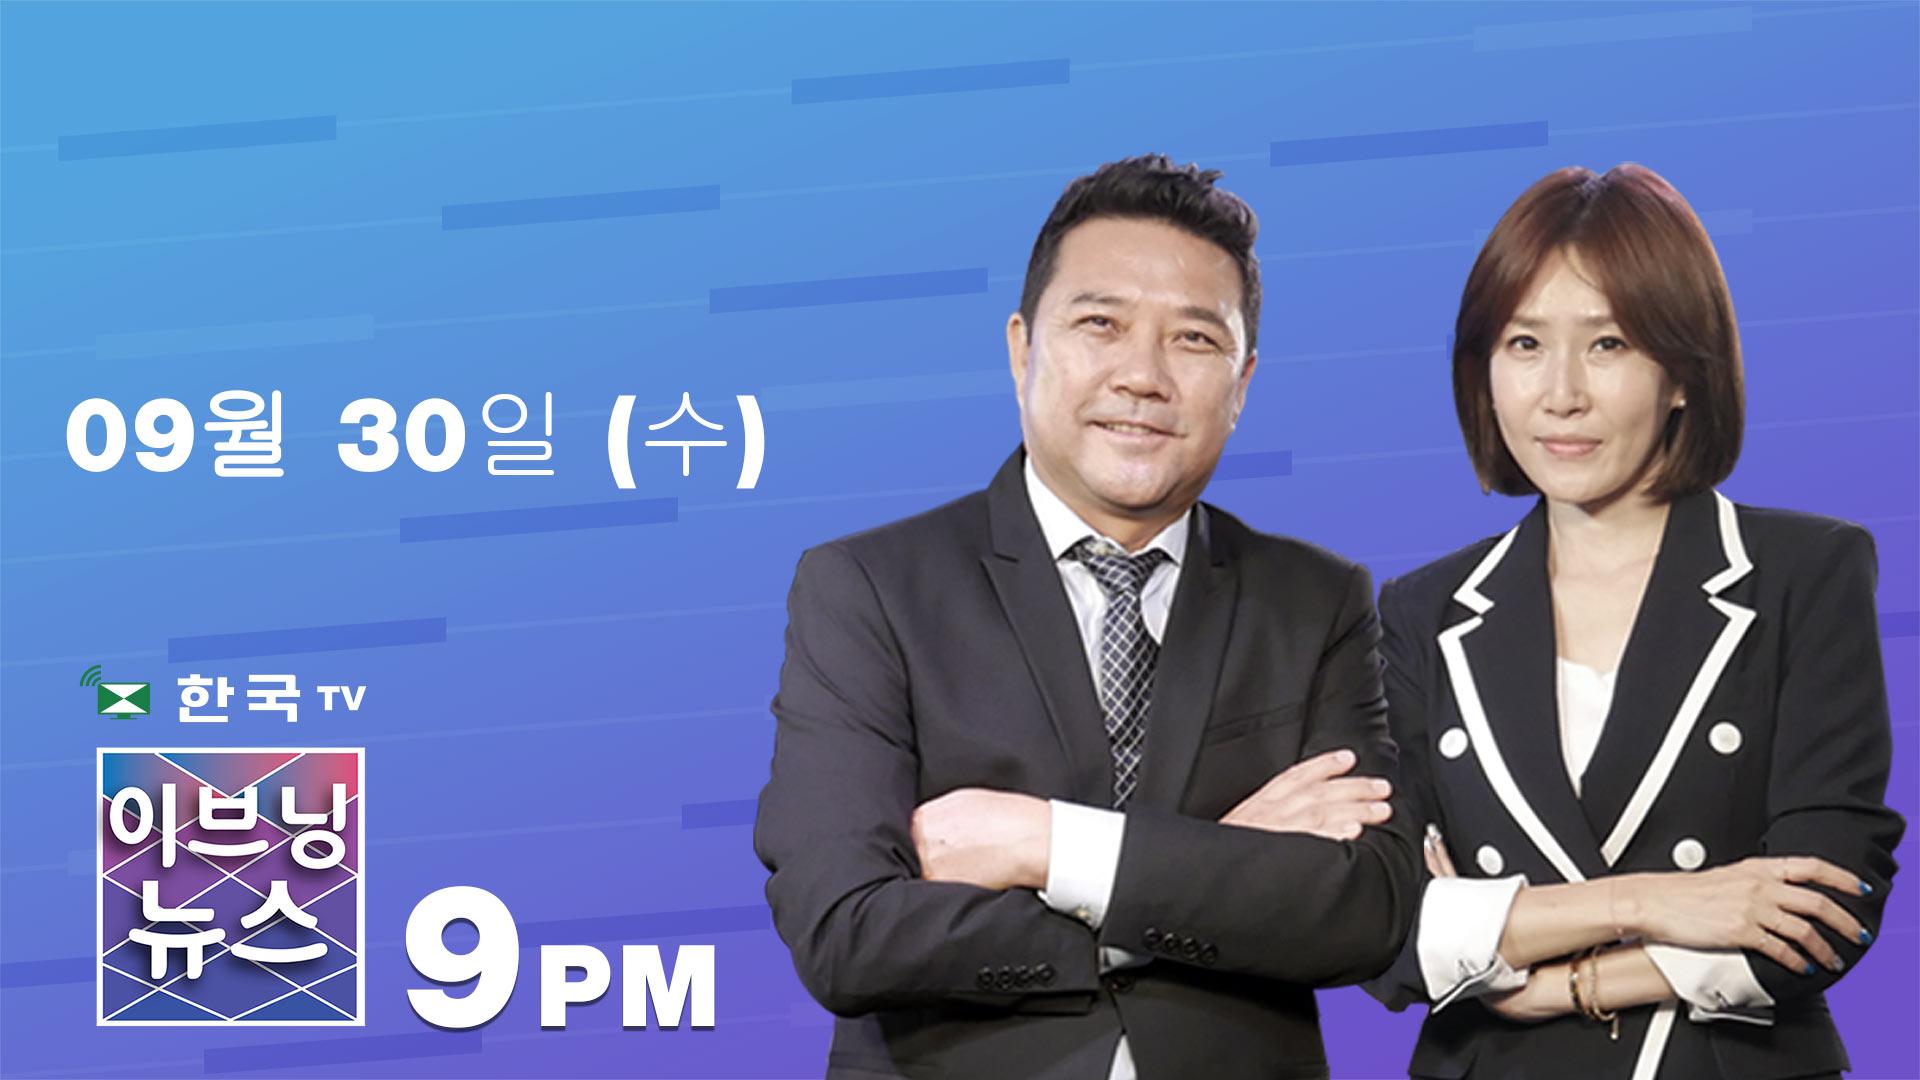 (09.30.2020) 한국TV 이브닝 뉴스